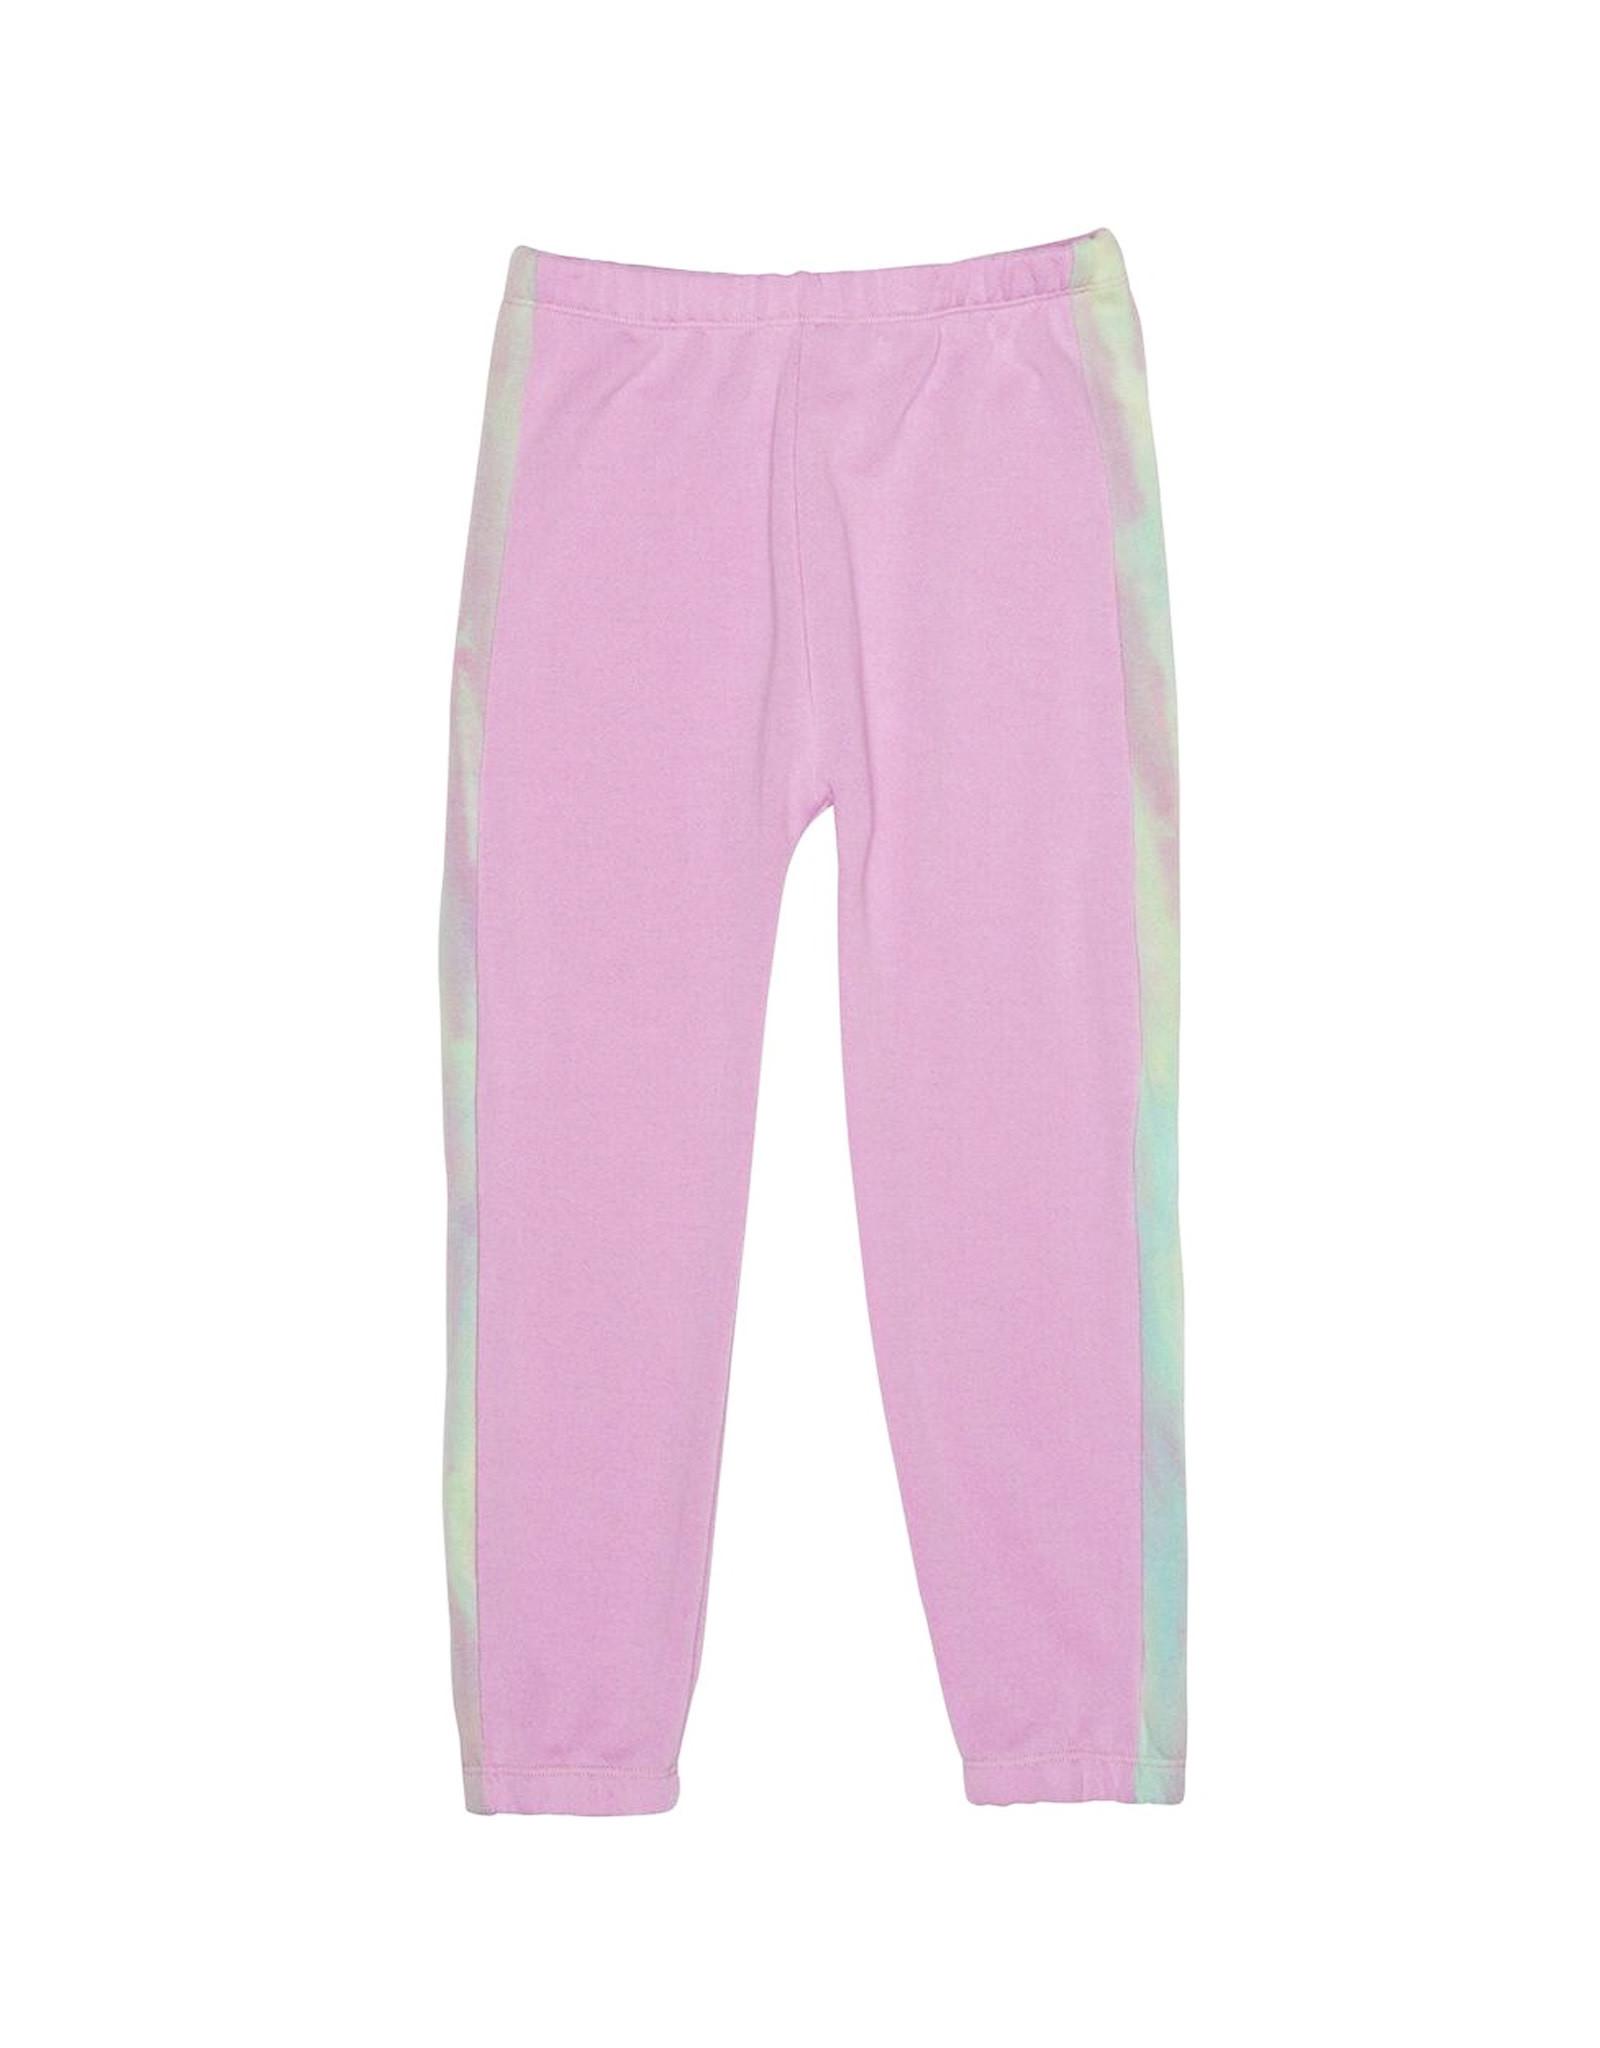 Fairwell Violet Racer Pants